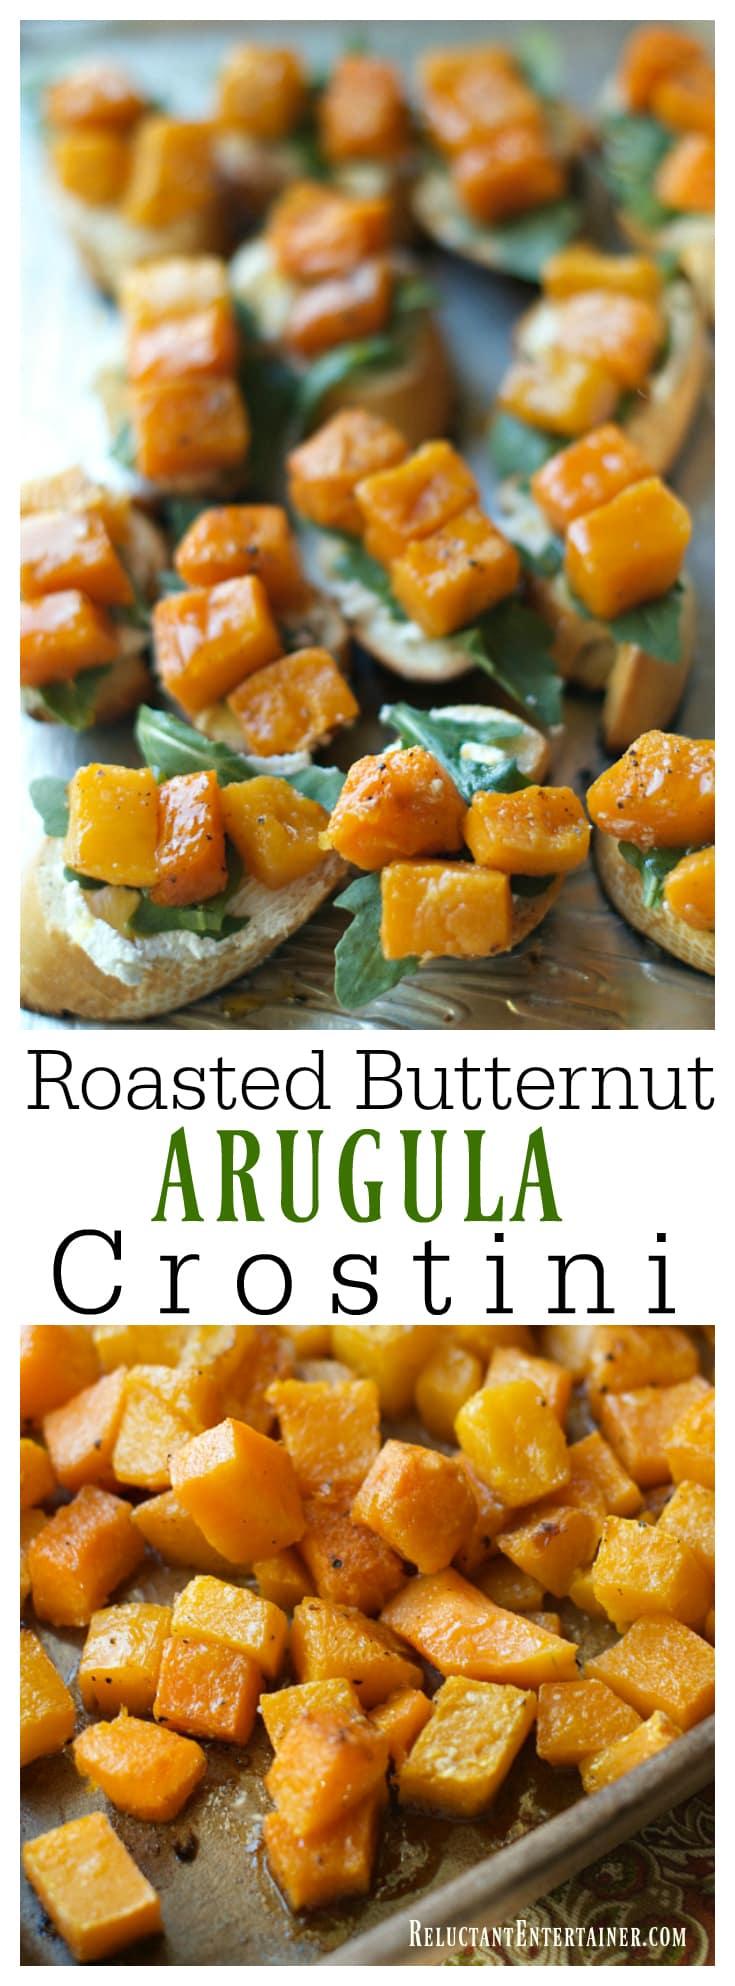 Roasted Butternut Arugula Crostini